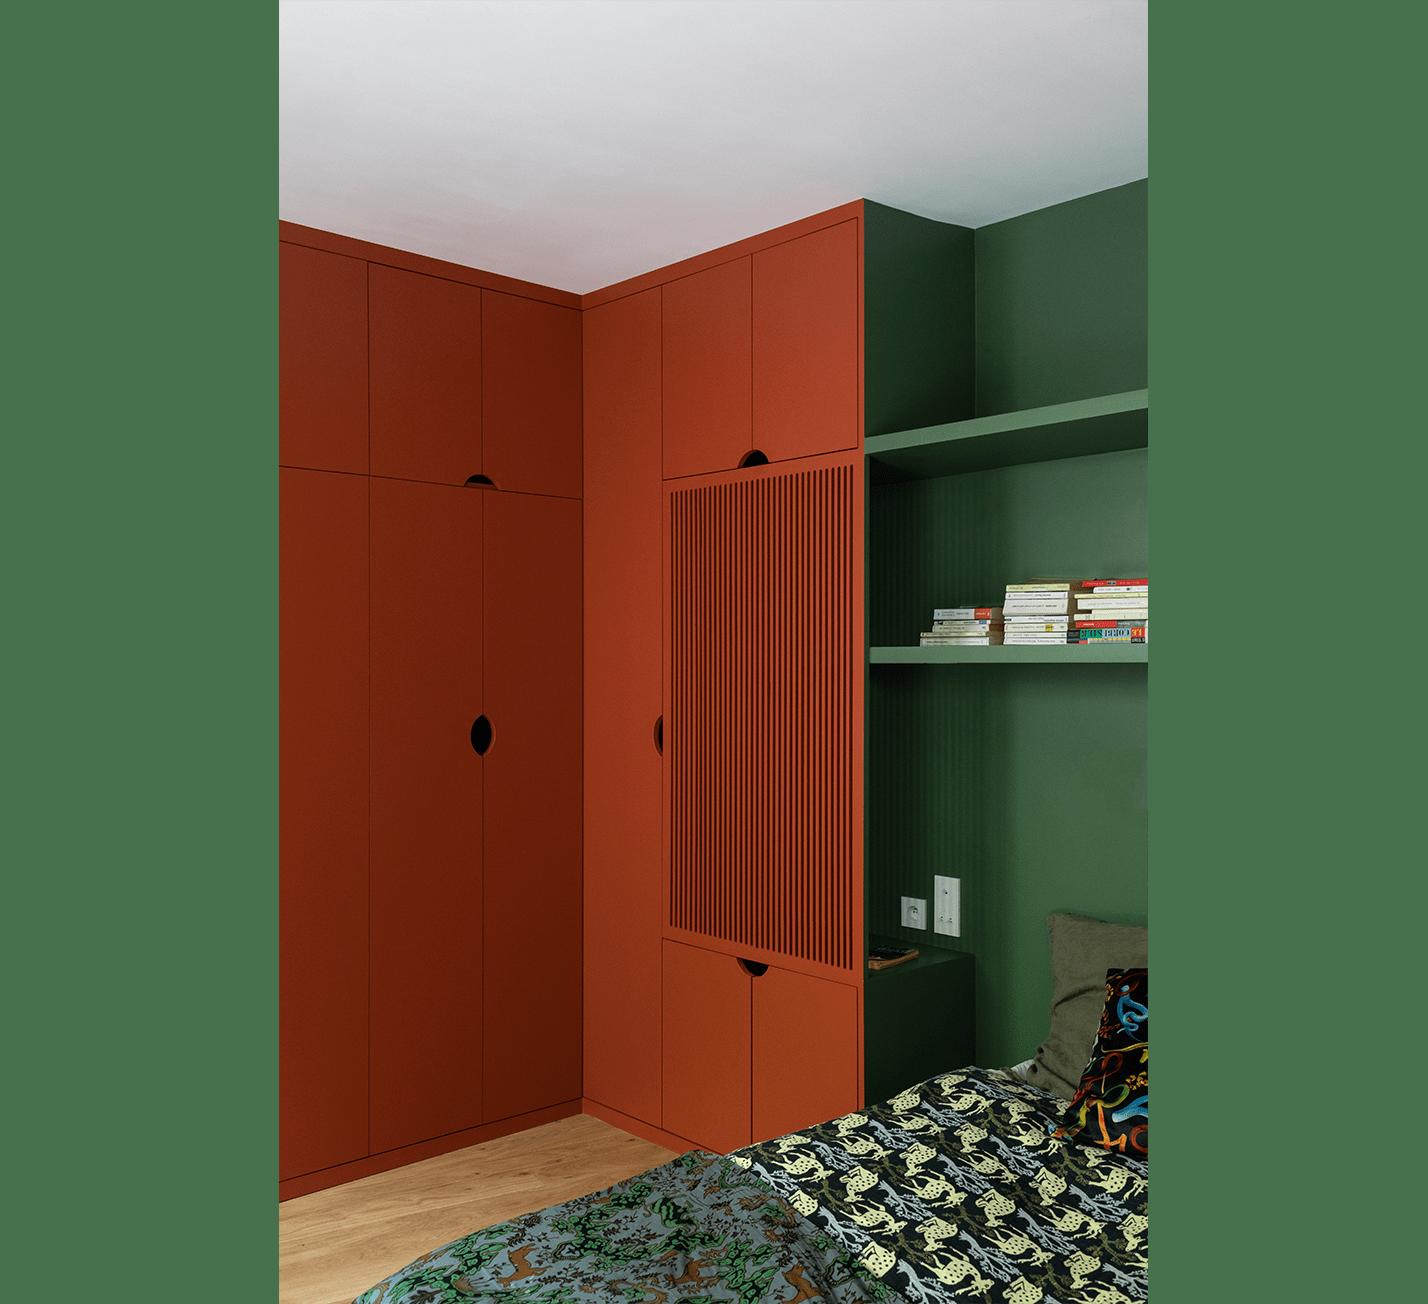 Projet-Gobelins-Atelier-Steve-Pauline-Borgia-Architecte-interieur-09-min